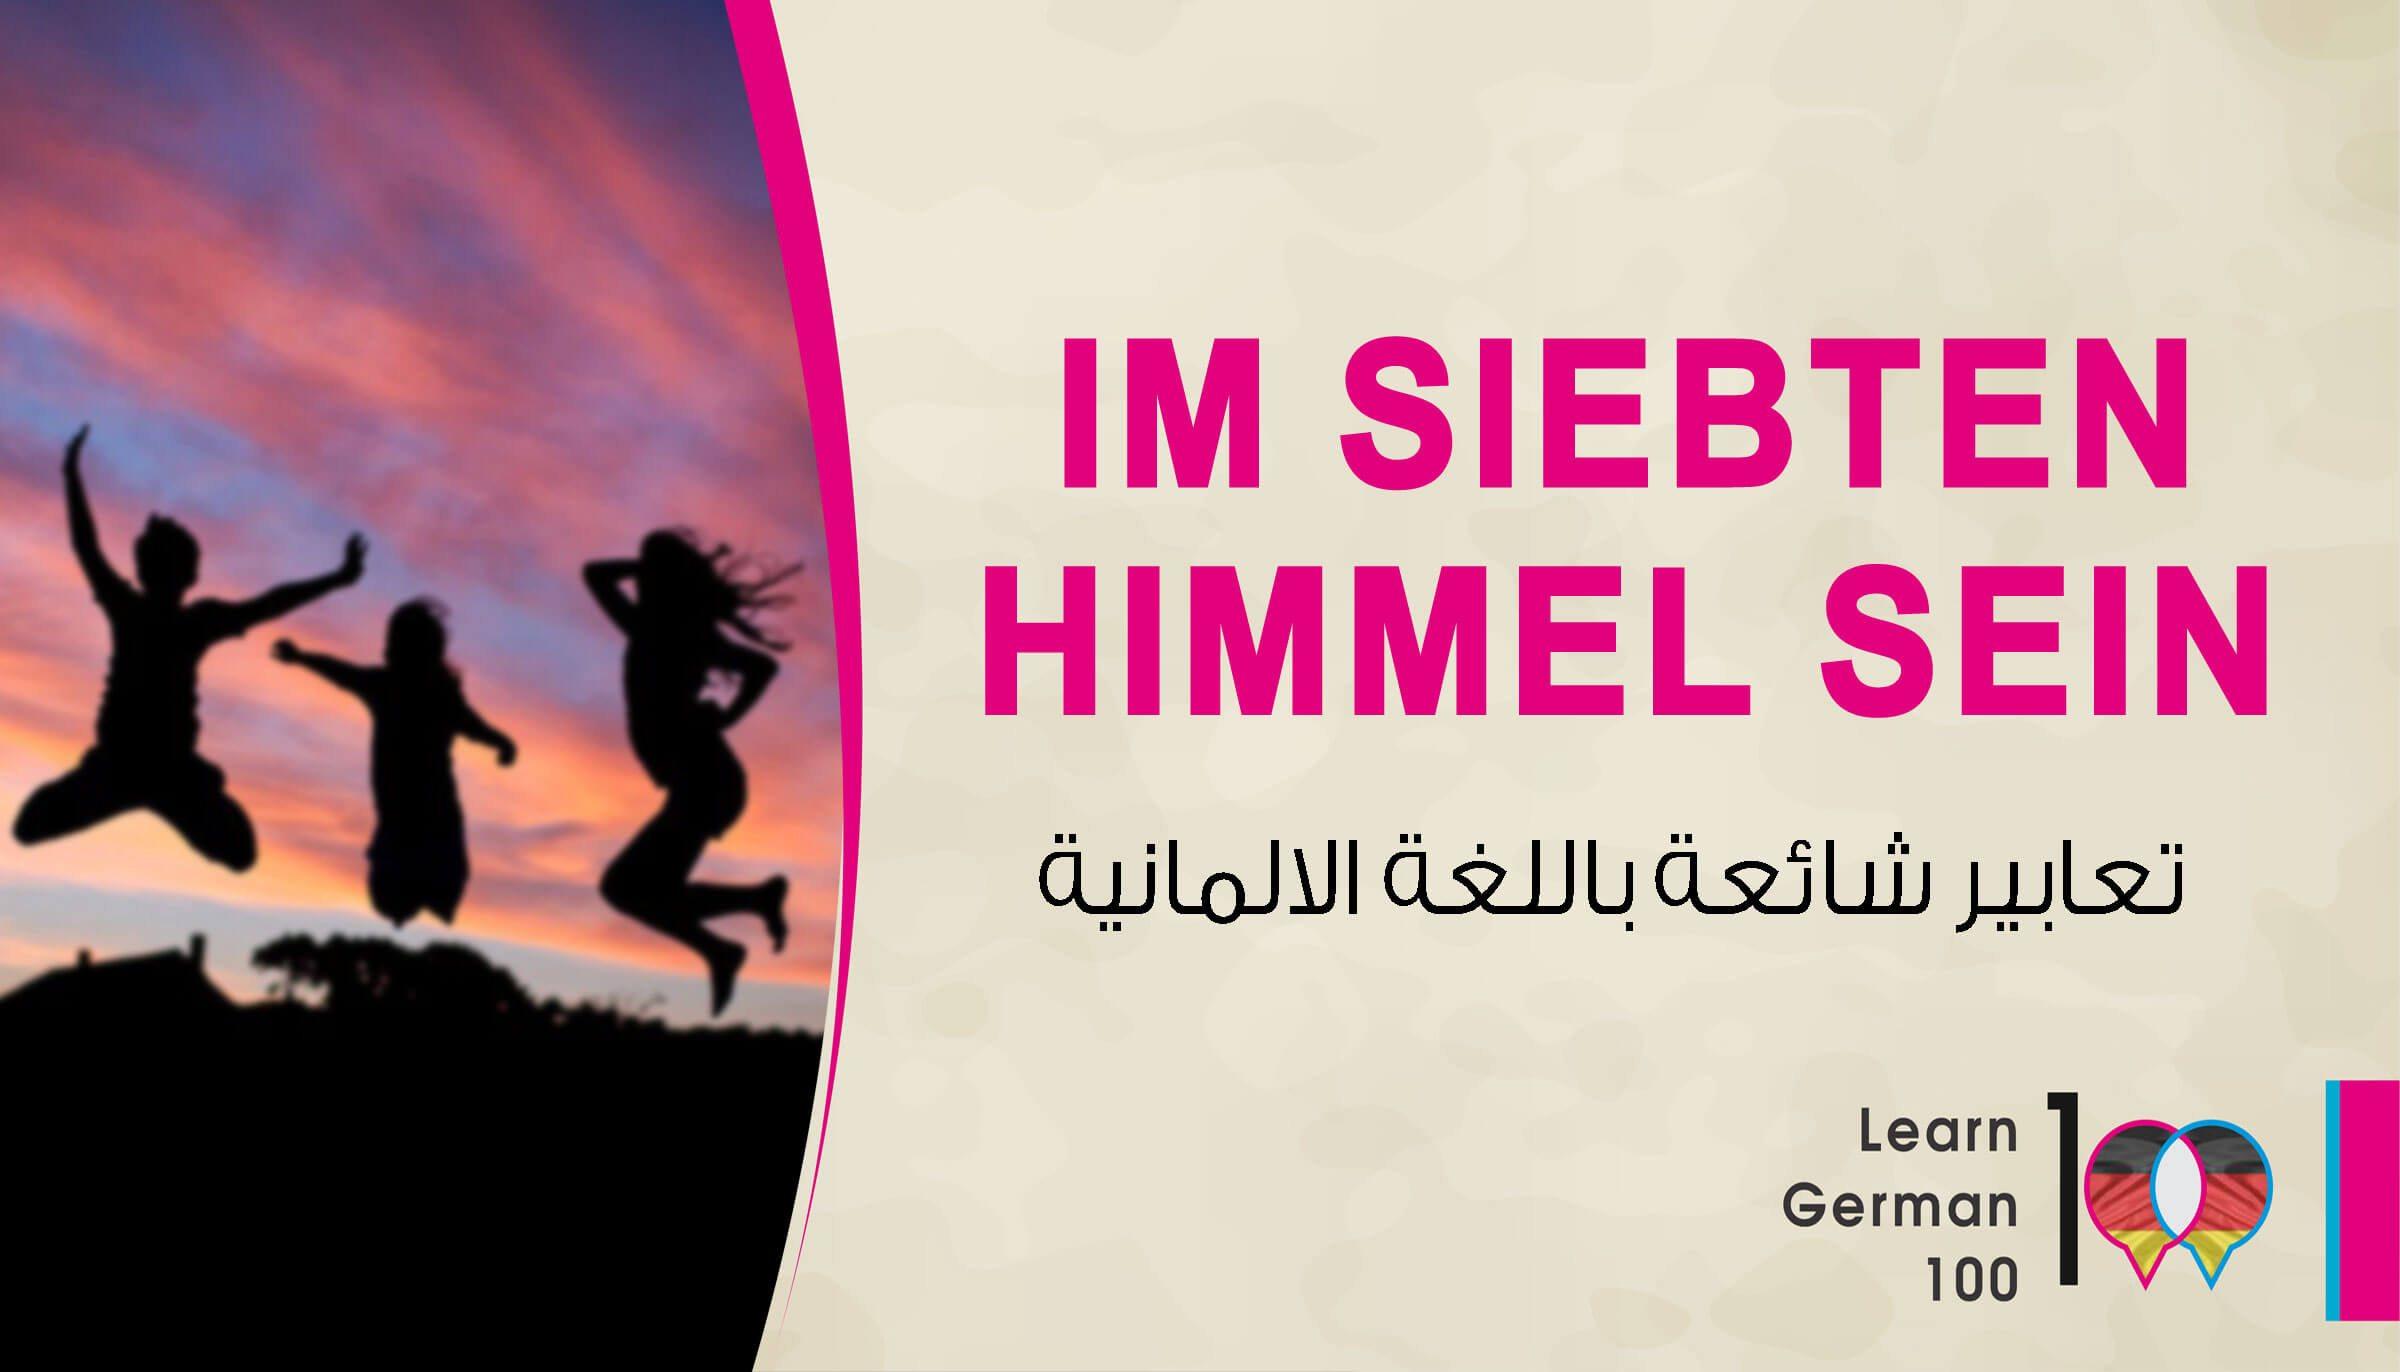 تعبير الماني شائع مع ترجمته ومثال Im siebten Himmel sein Im siebten Himmel sein 3 تعلم اللغة الالمانية